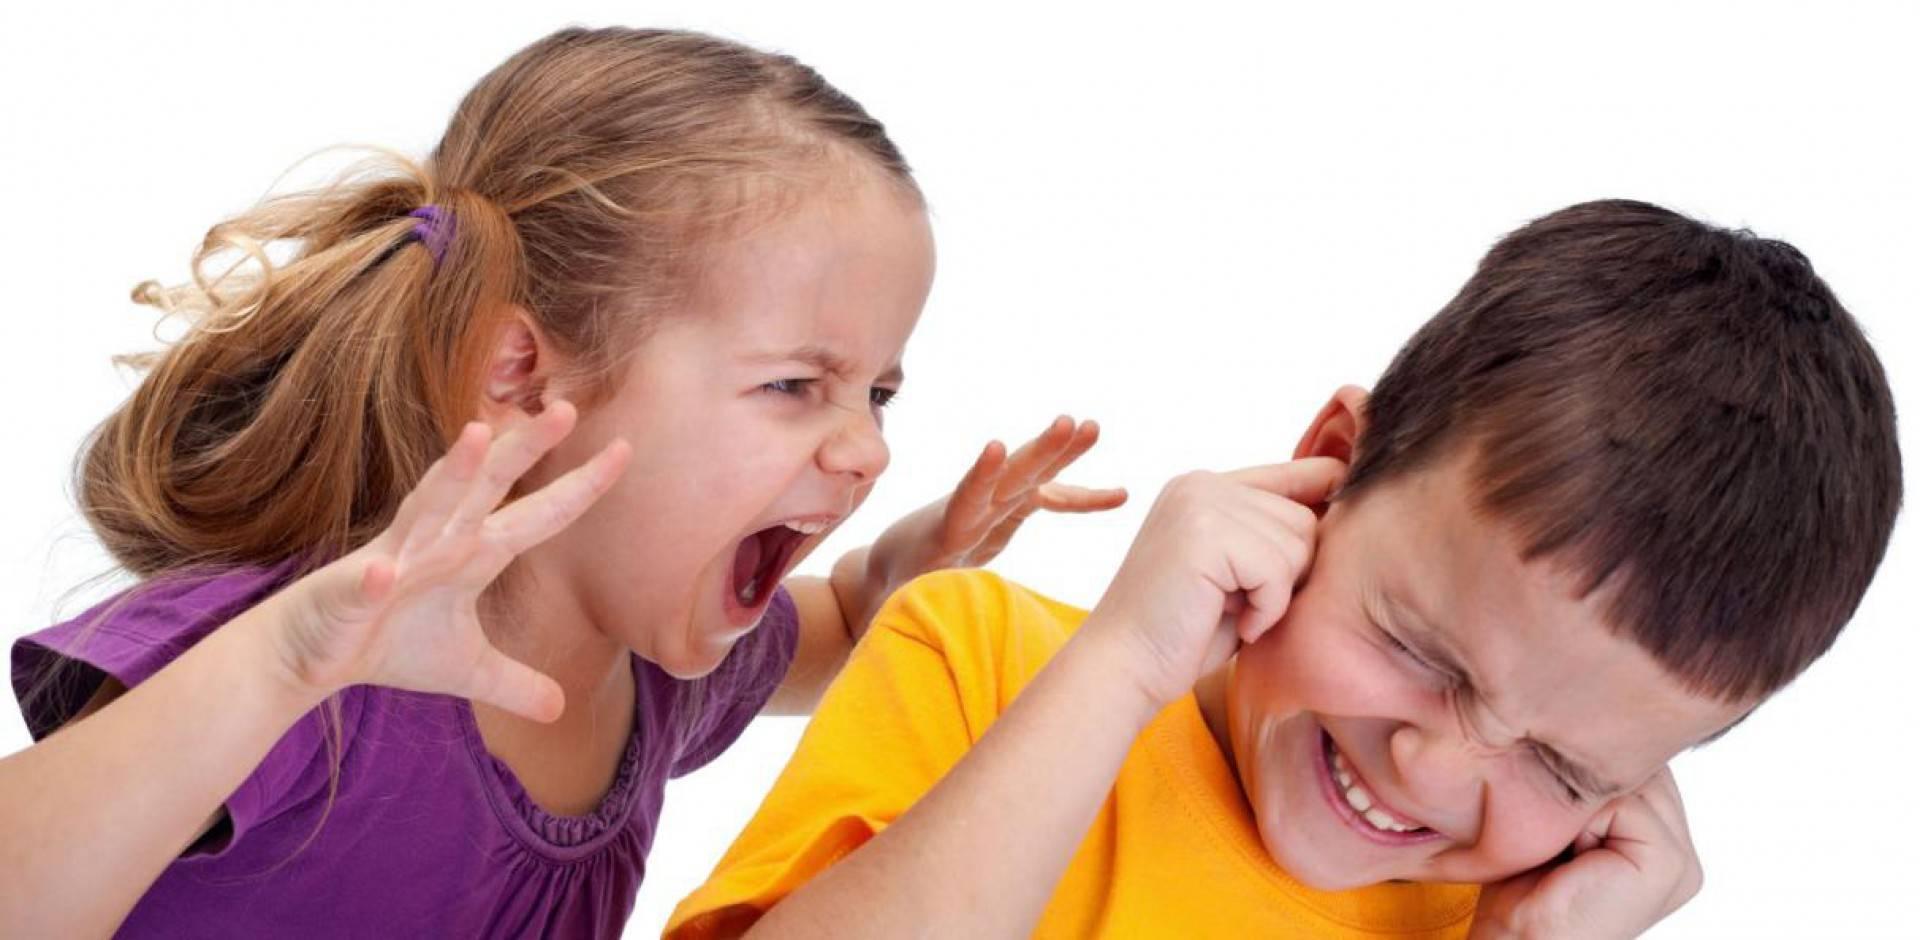 Непослушание ребенка в возрасте четырех лет